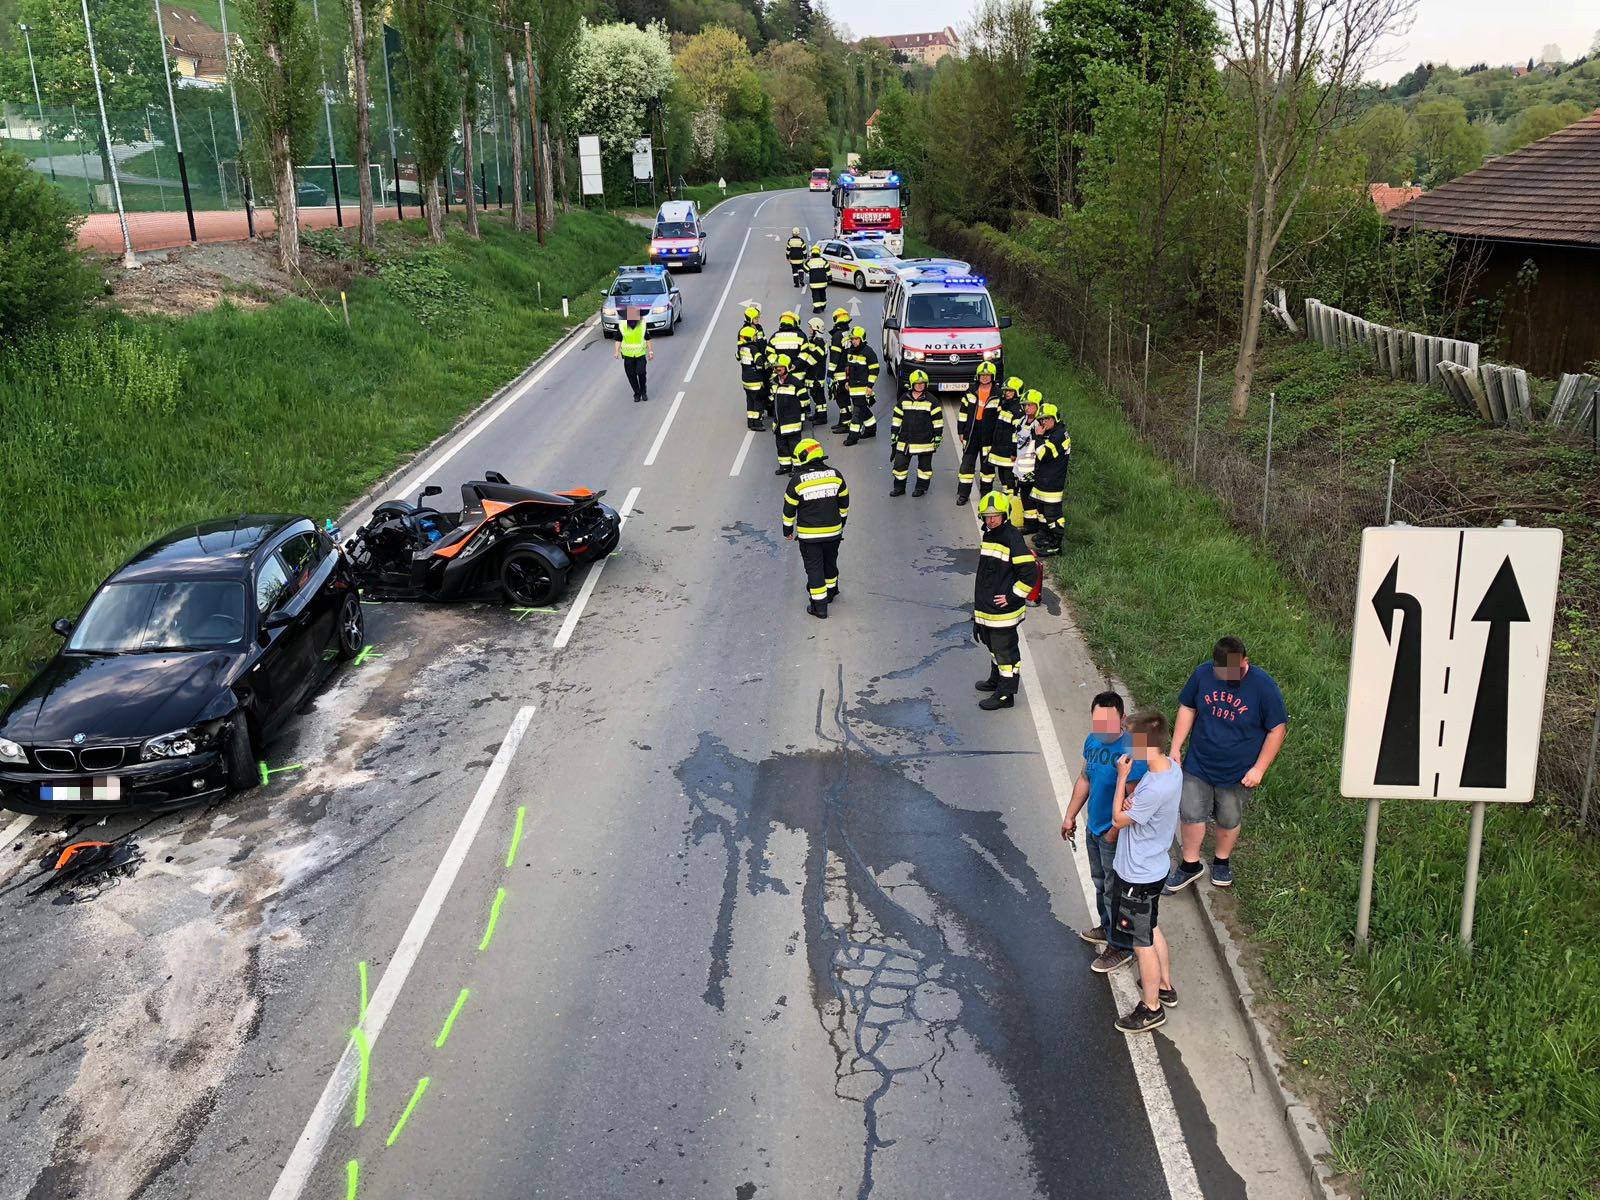 Verkehrsunfall mit eing. Person - Feuerwehr KAINDORF an der SULM